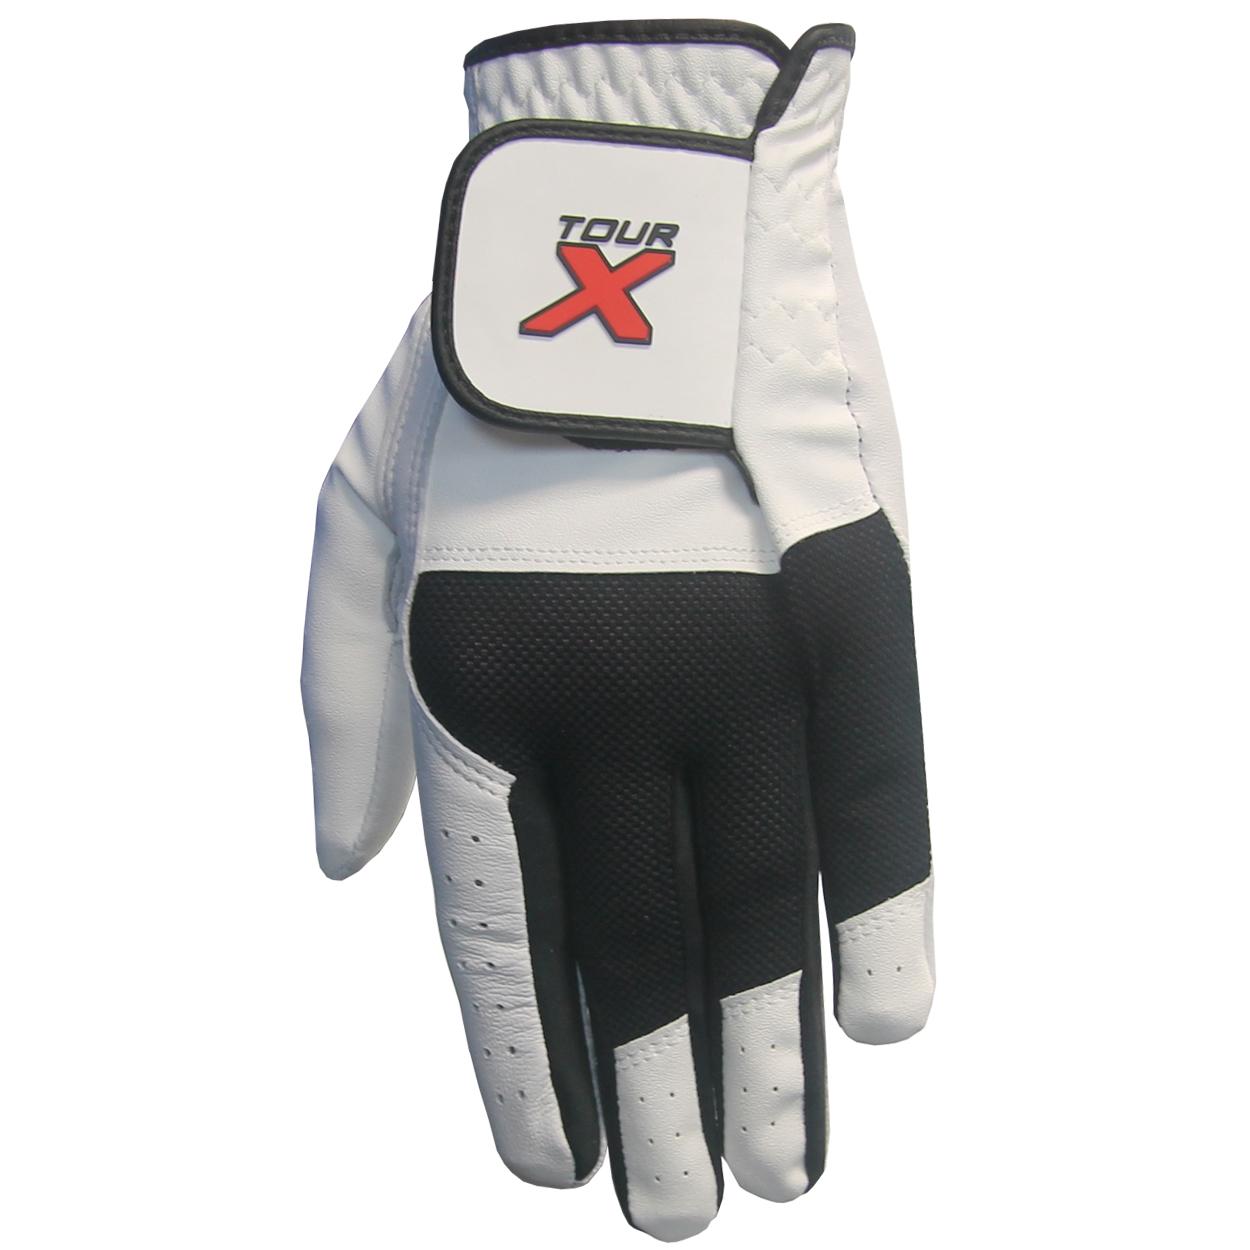 Tour X Men's Combo-Leather...